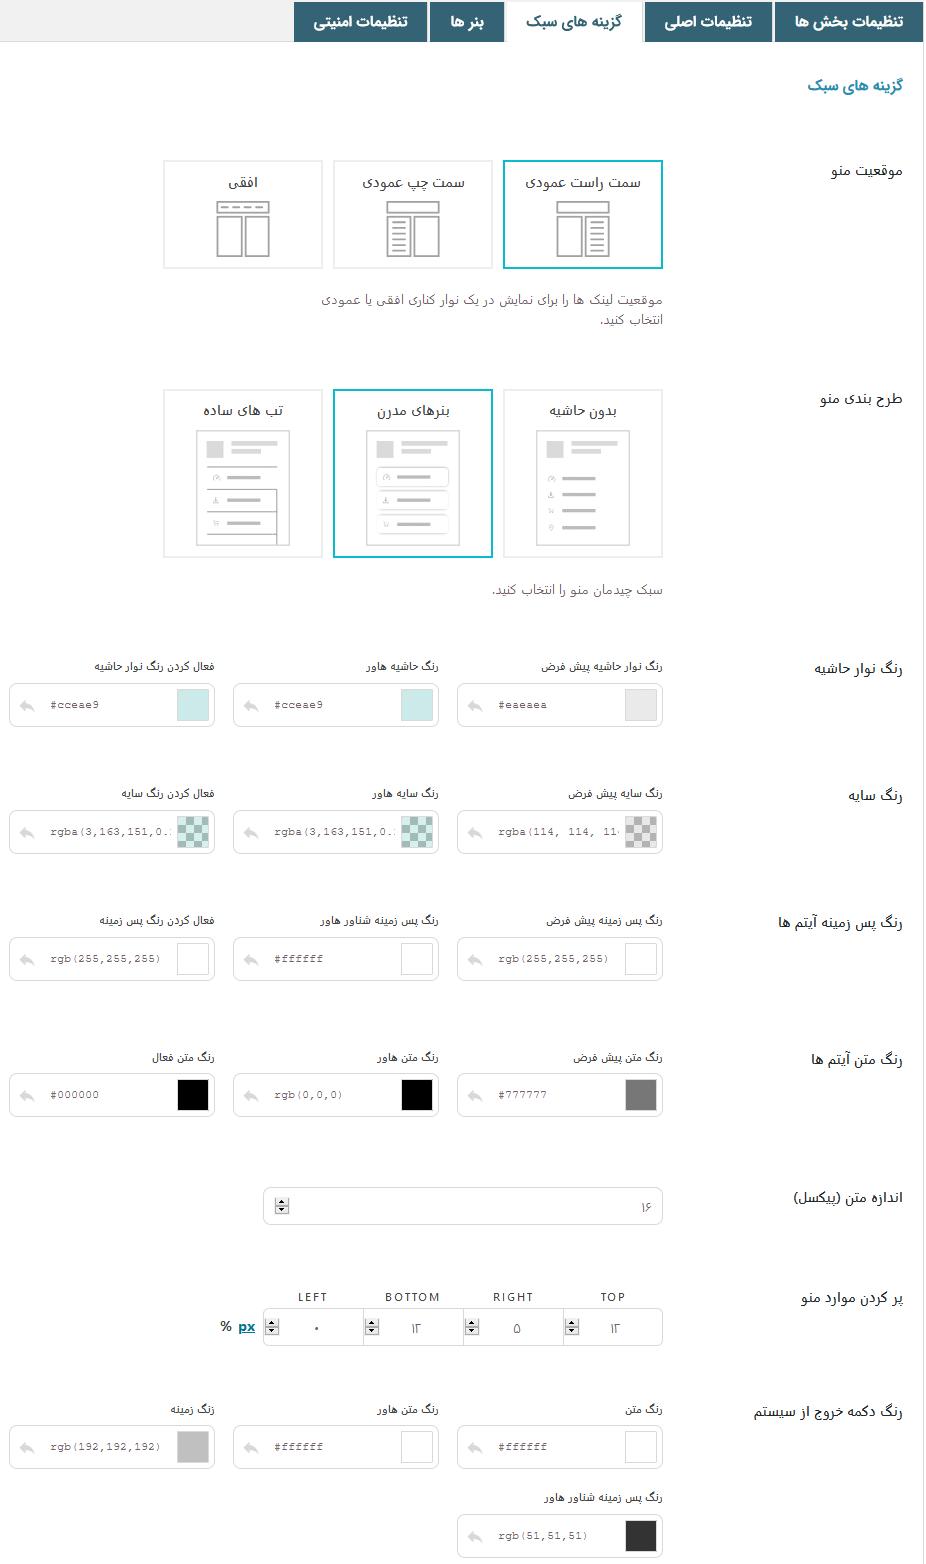 تنظیمات استایل افزونه پنل کاربری پیشرفته ووکامرس